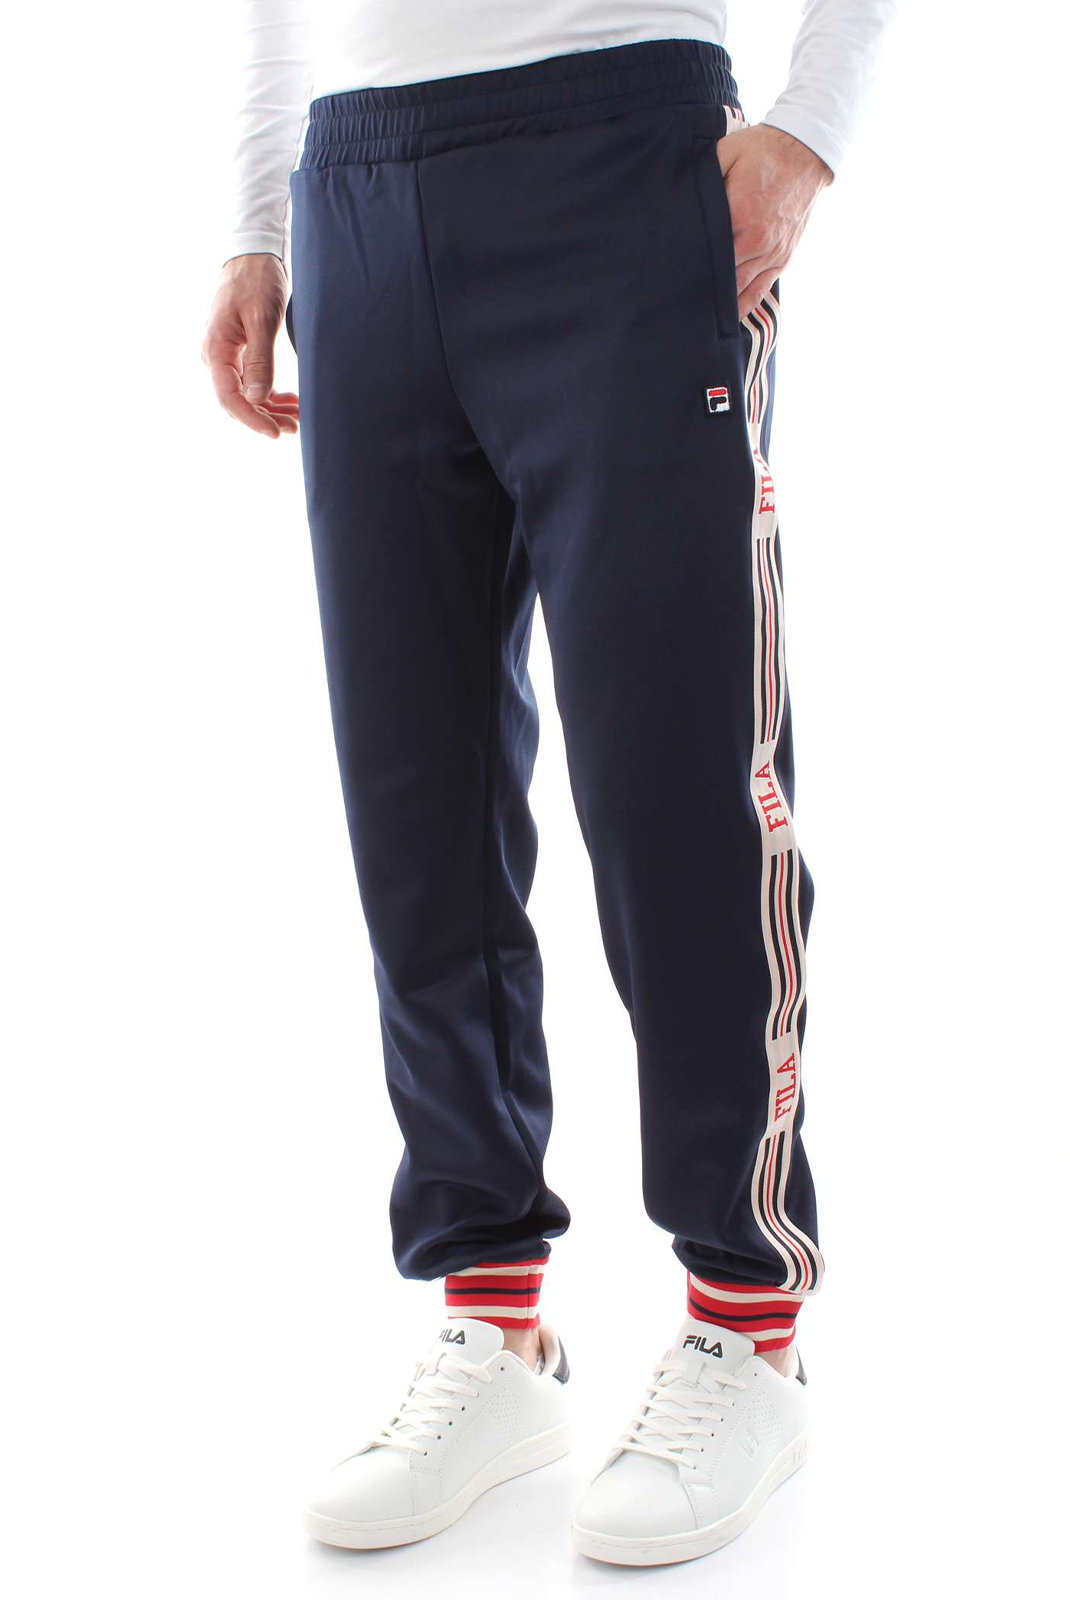 Pantalons sport/streetwear  Fila 687006 lou 170 BLACK IRIS